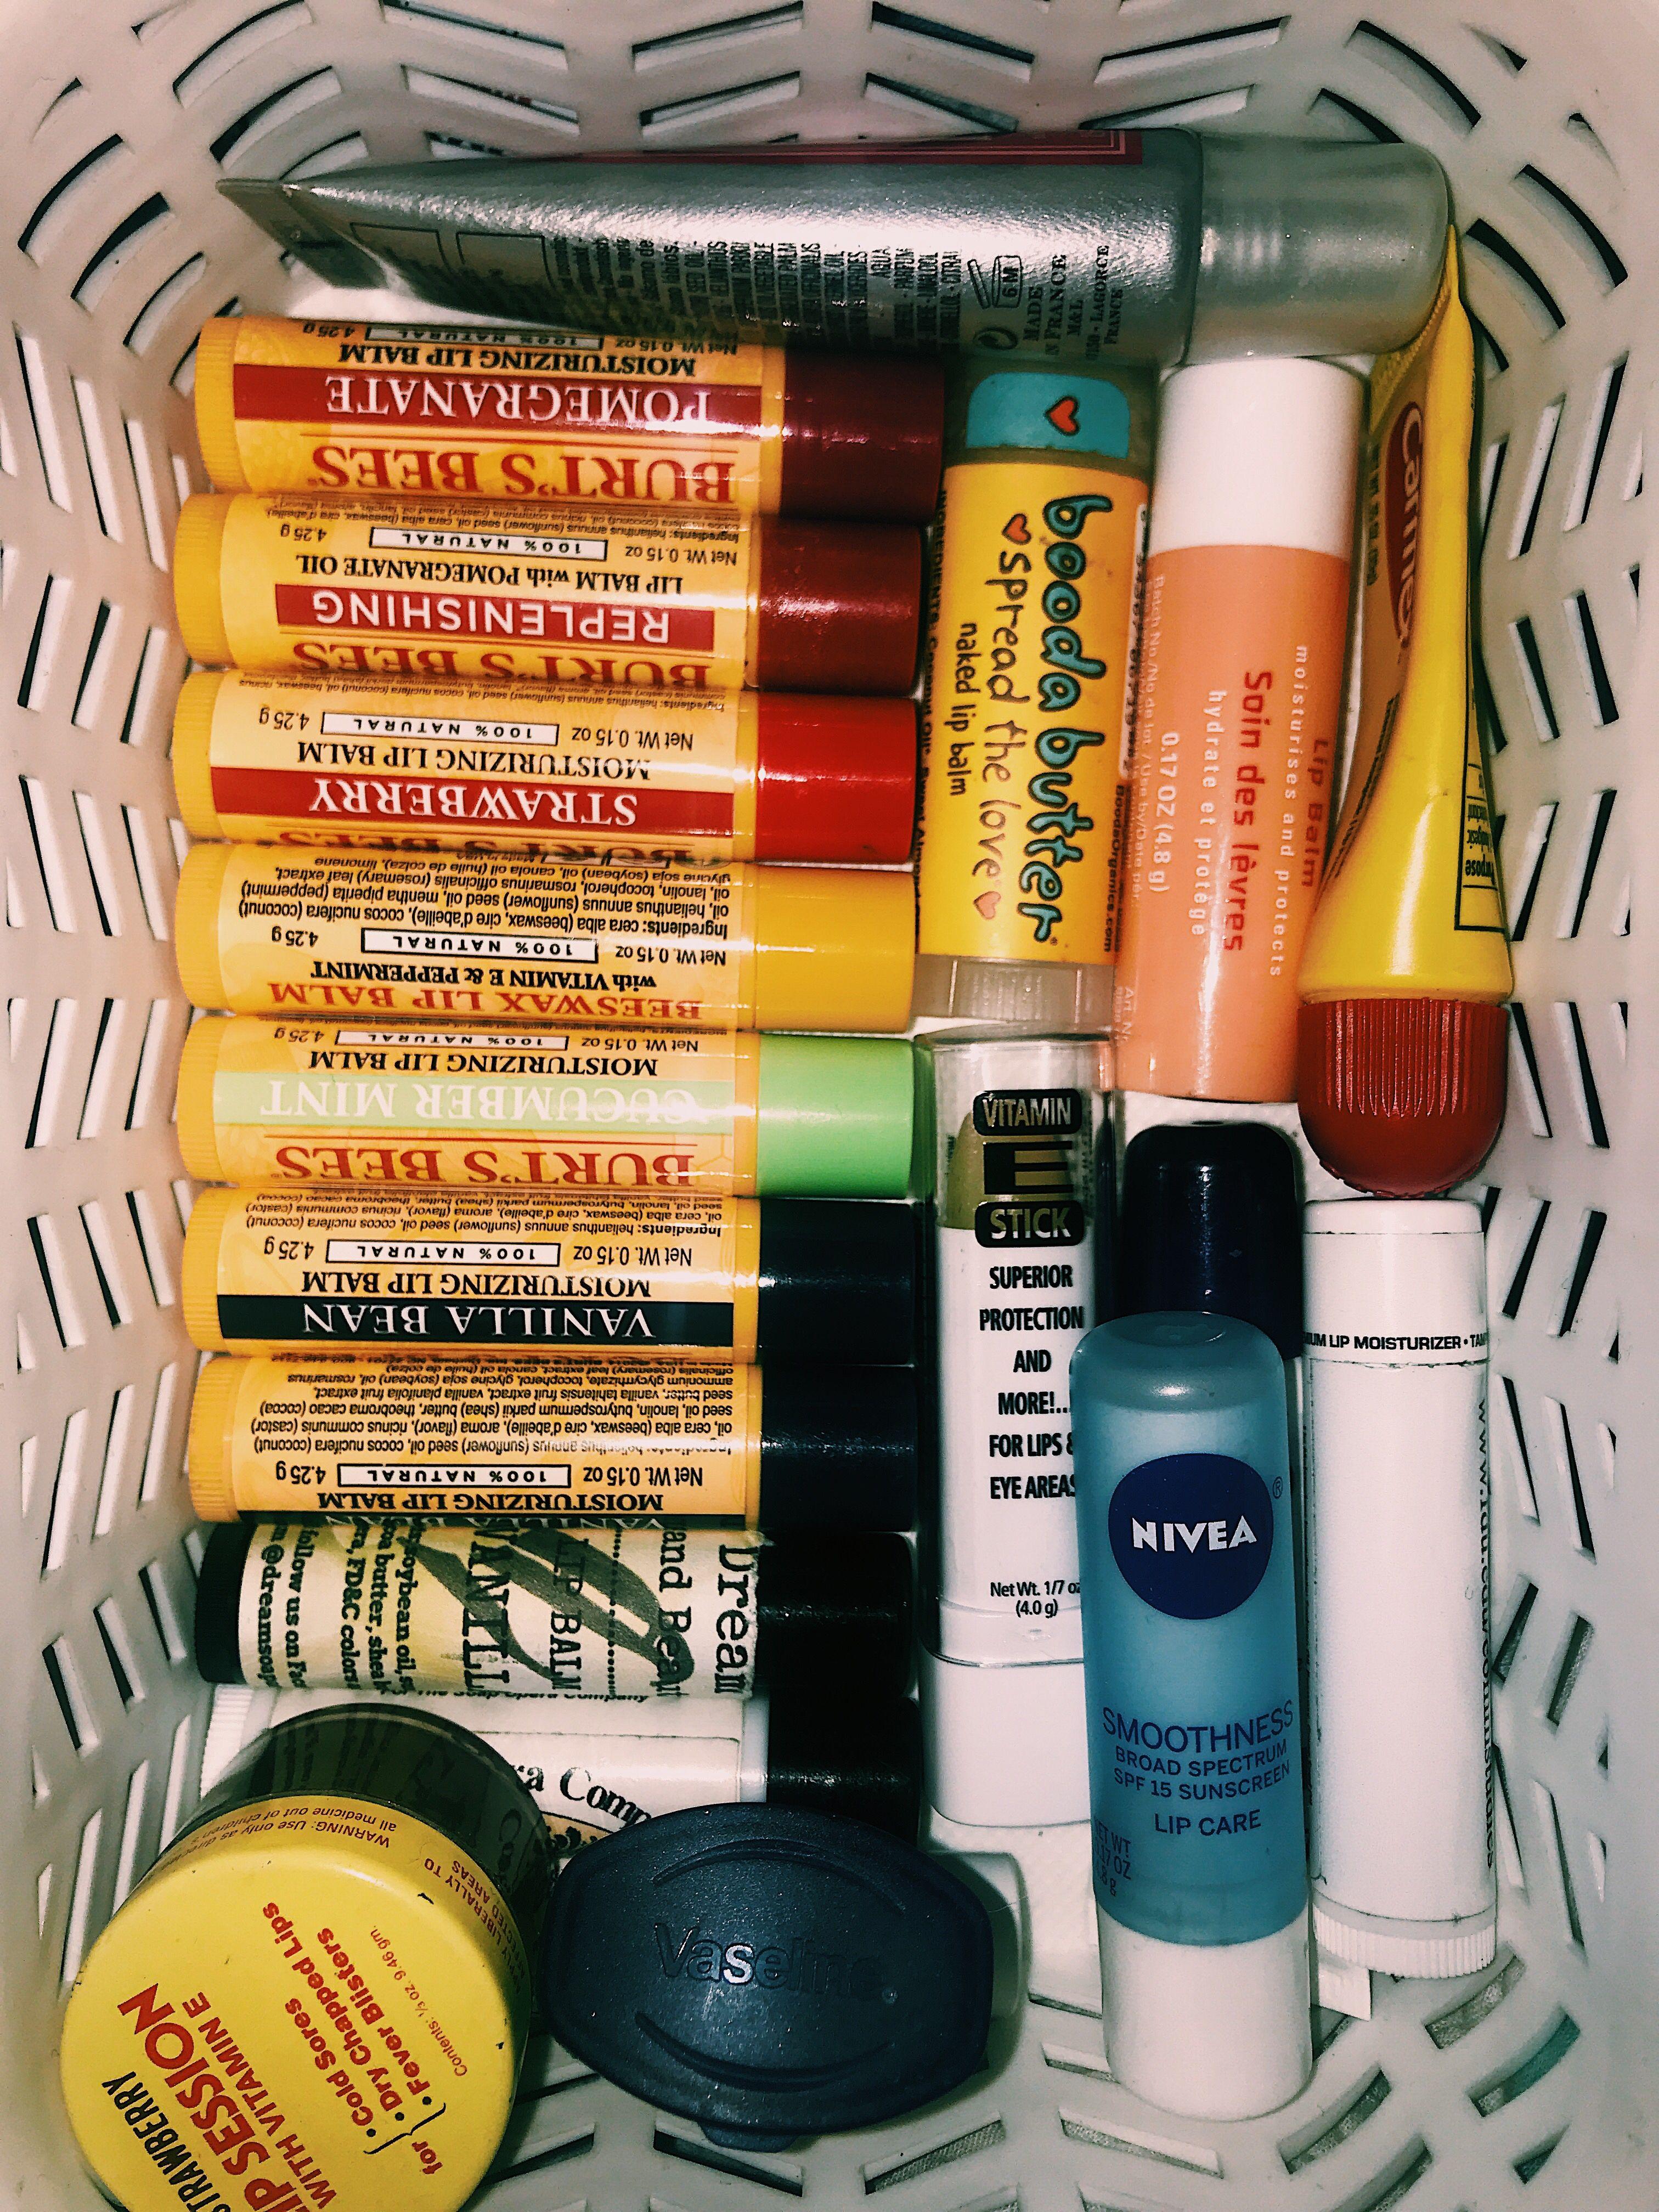 Pin By Jamilaxv On Self Care Lipgloss Lips Lip Gloss